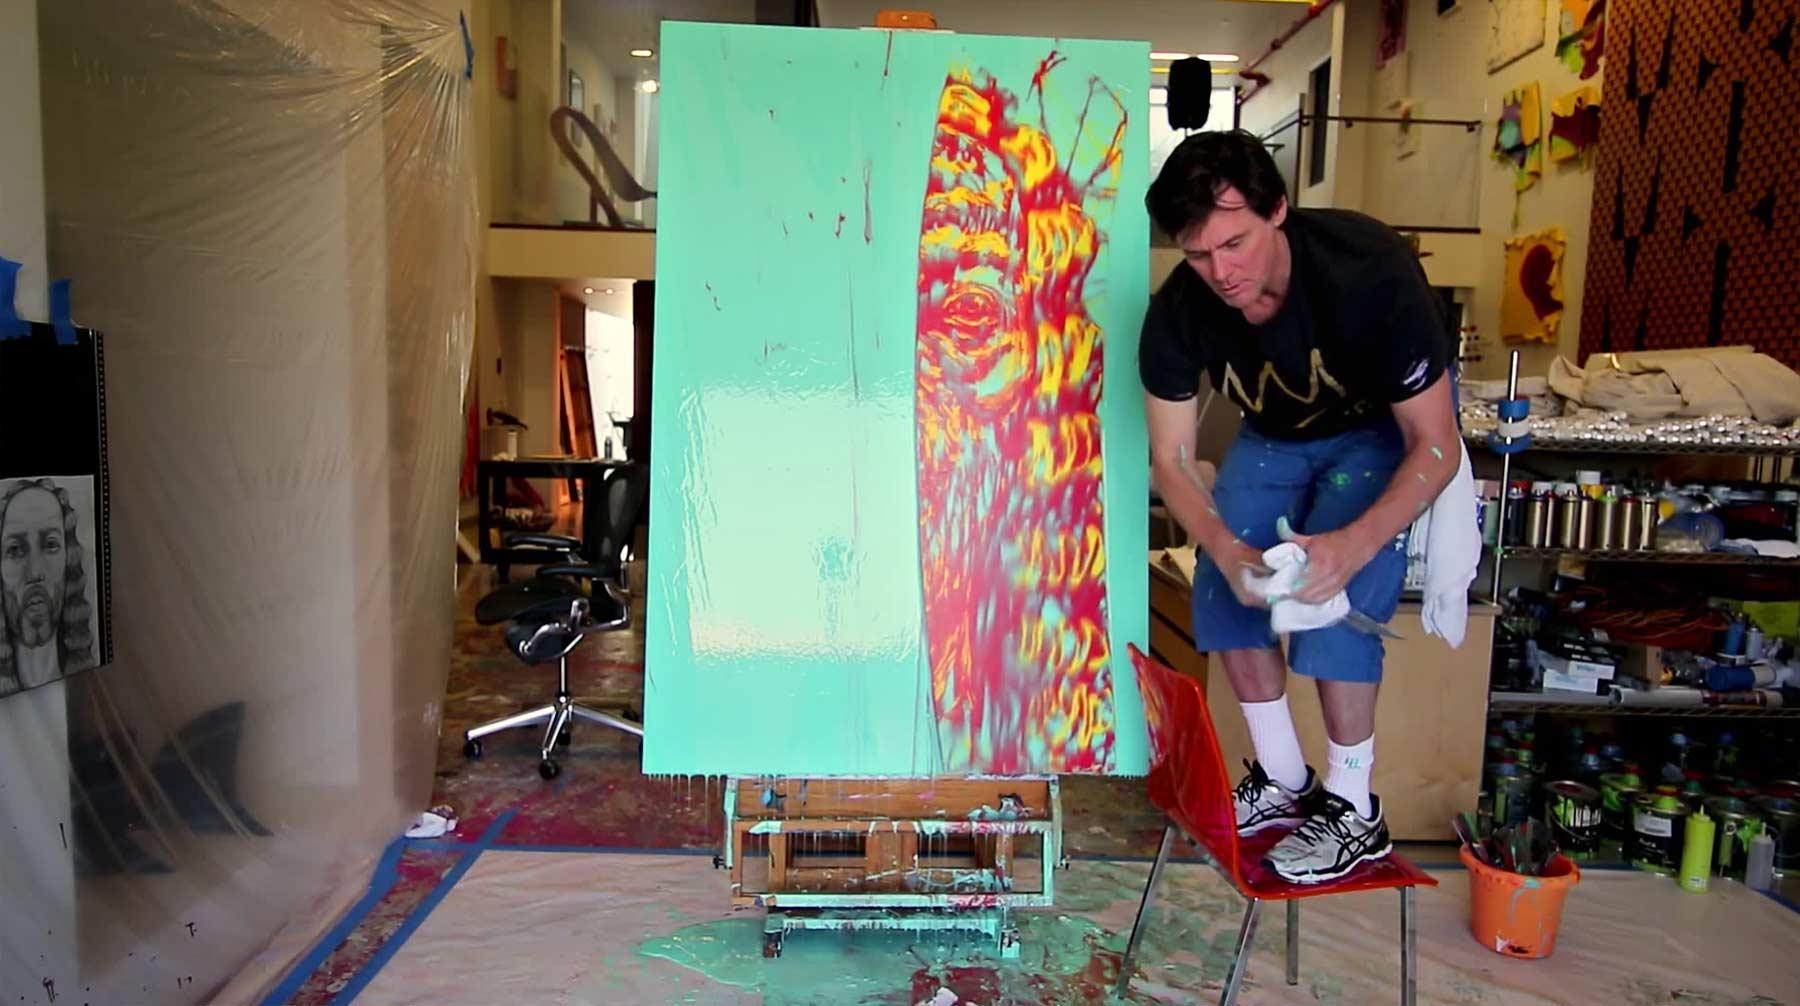 Jim Carrey ist unter die Maler gegangen jim-carrey-malt